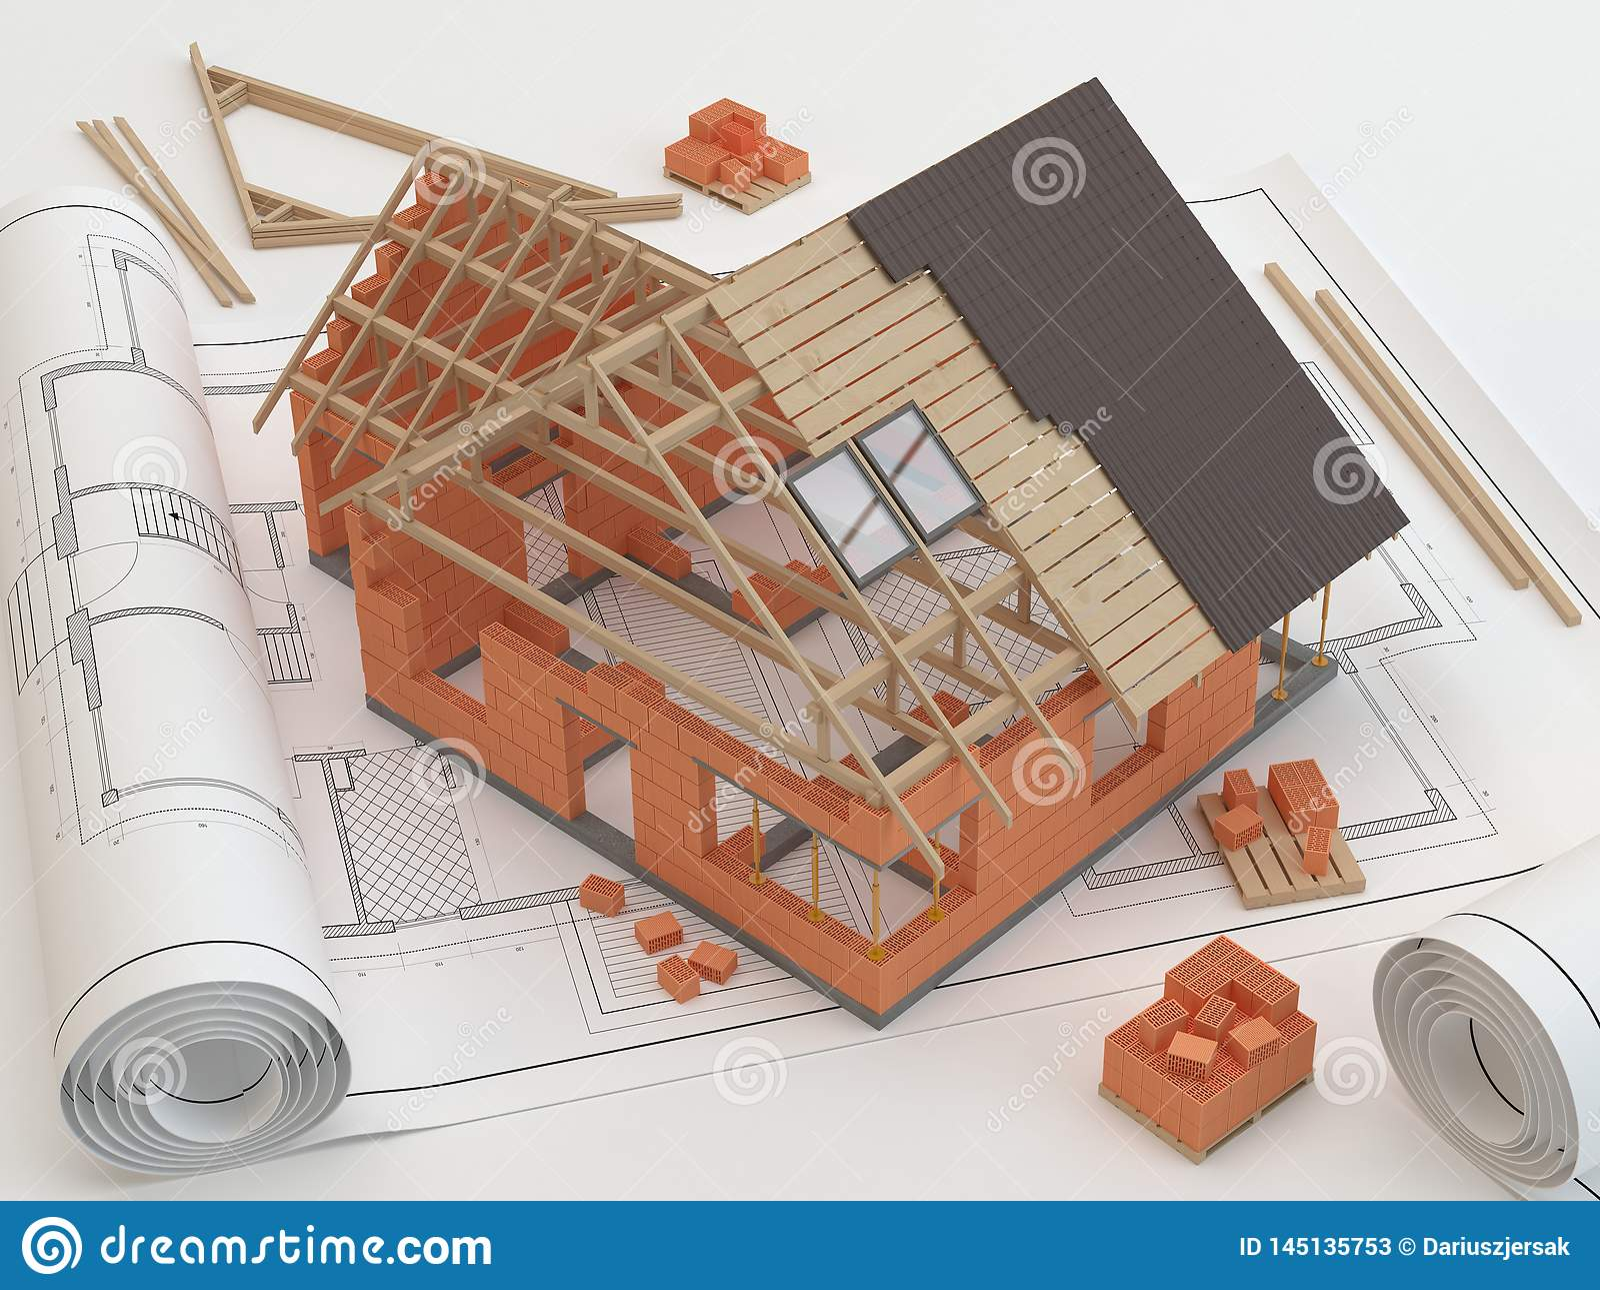 Σχέδια και σπίτι, τρισδιάστατη απεικόνιση